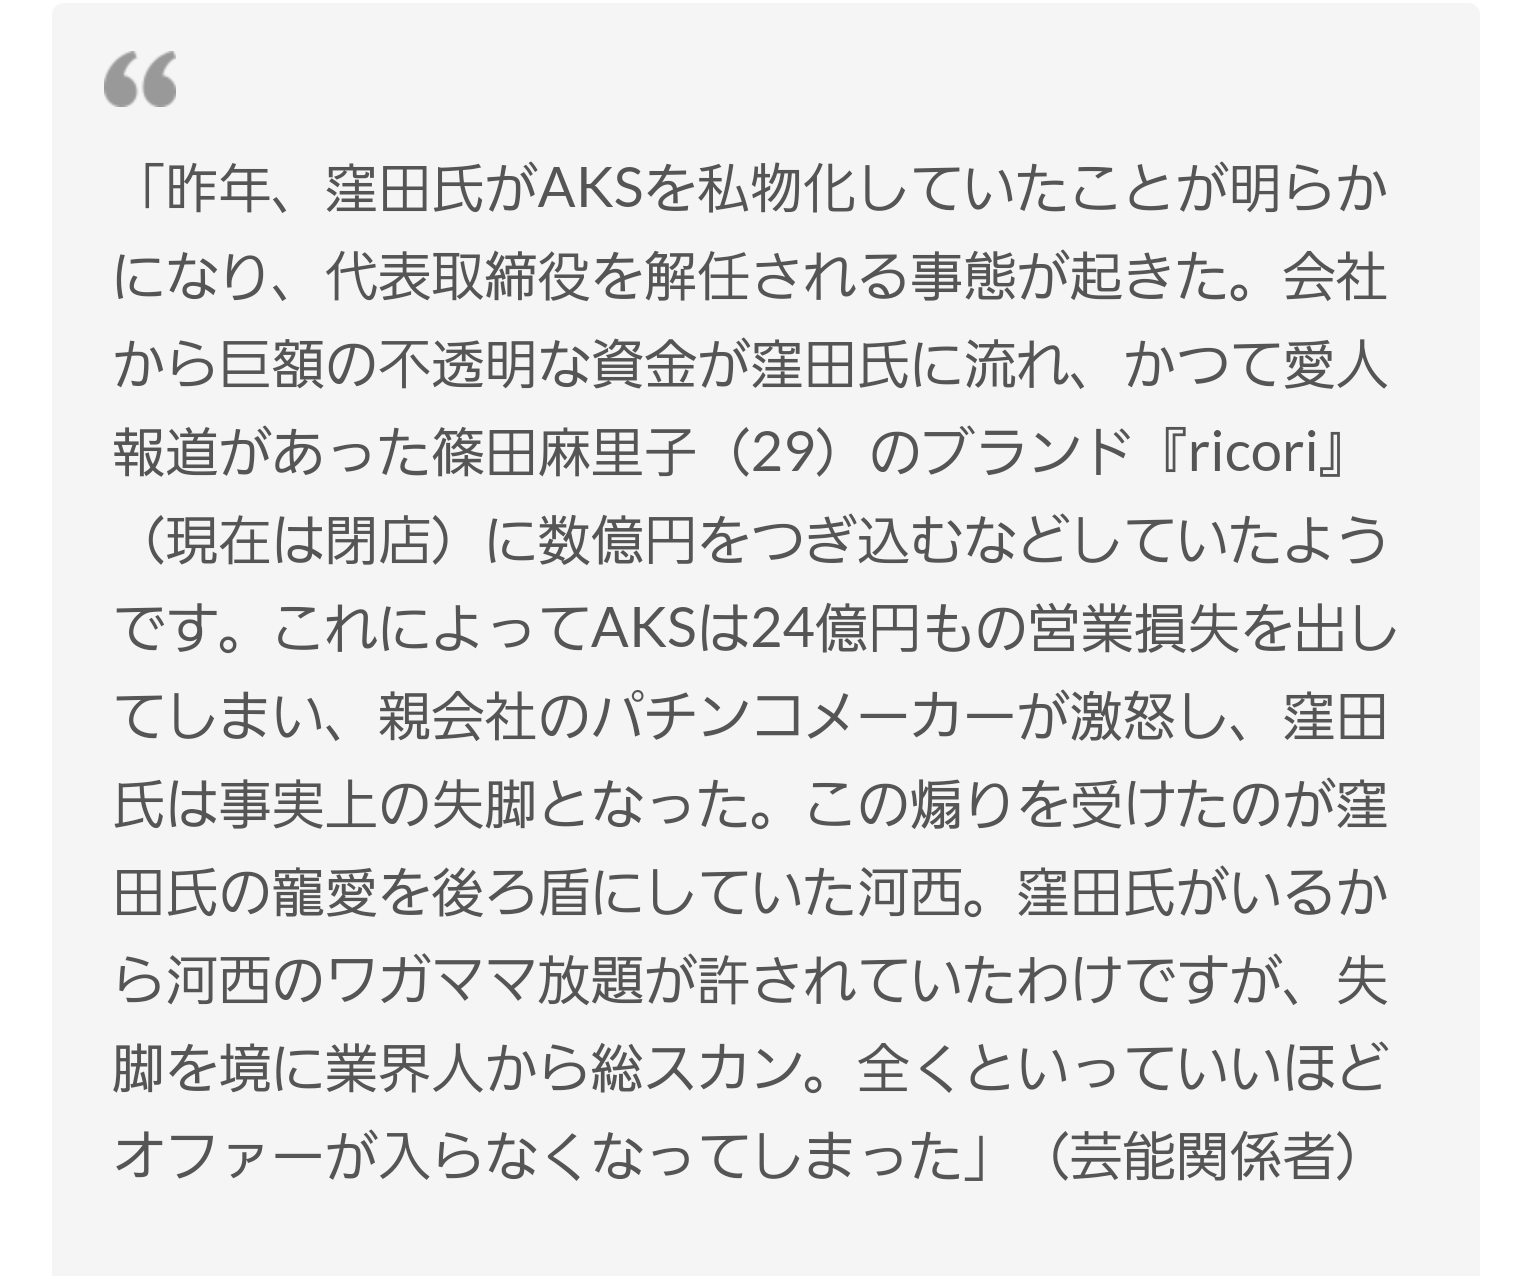 テレビCM激減の「AKB48」 業界は「乃木坂46」「欅坂46」シフト